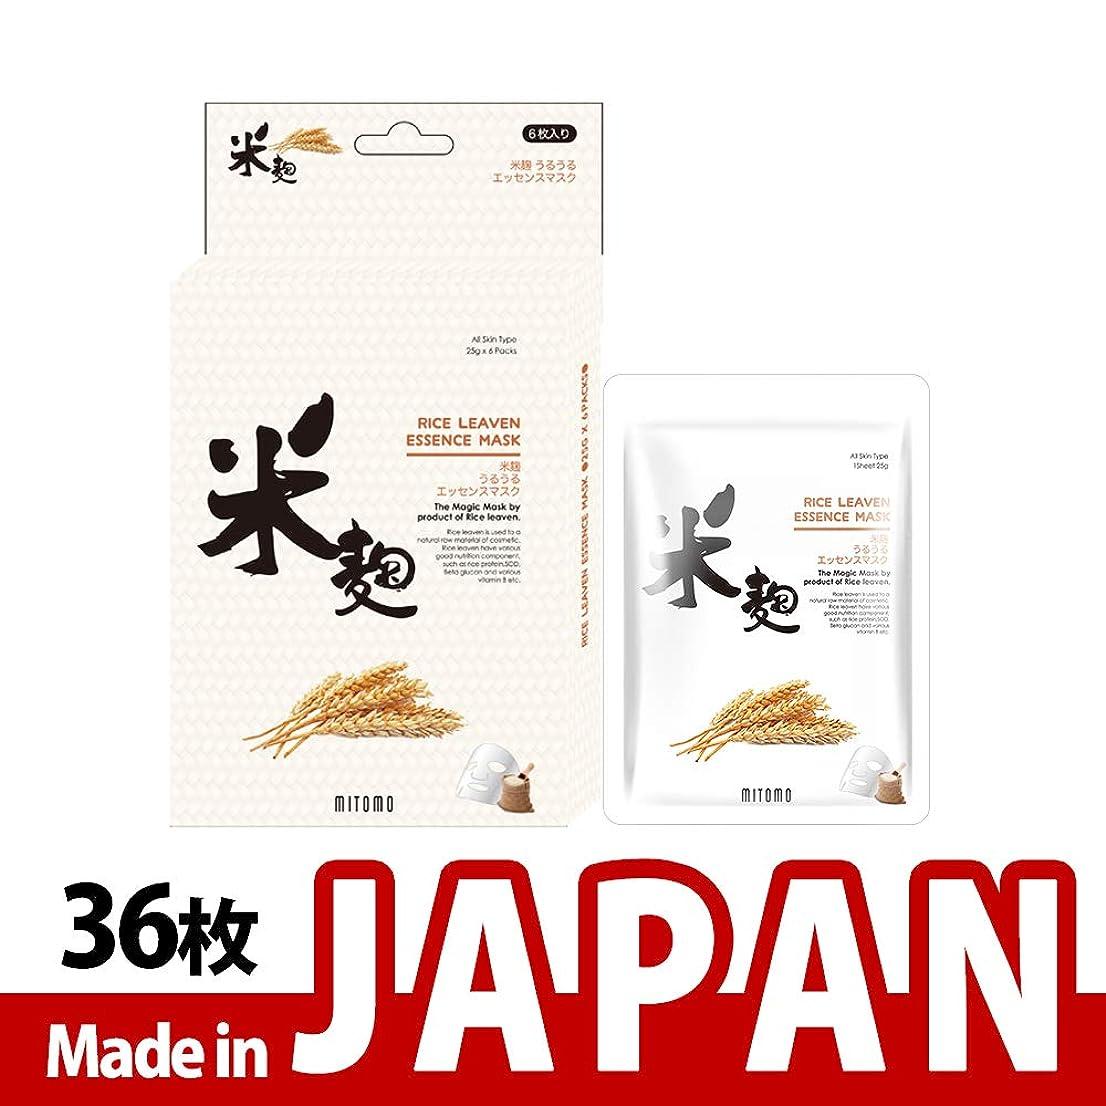 話す人柄にMITOMO【JP512-E-4】日本製シートマスク/6枚入り/36枚/美容液/マスクパック/送料無料